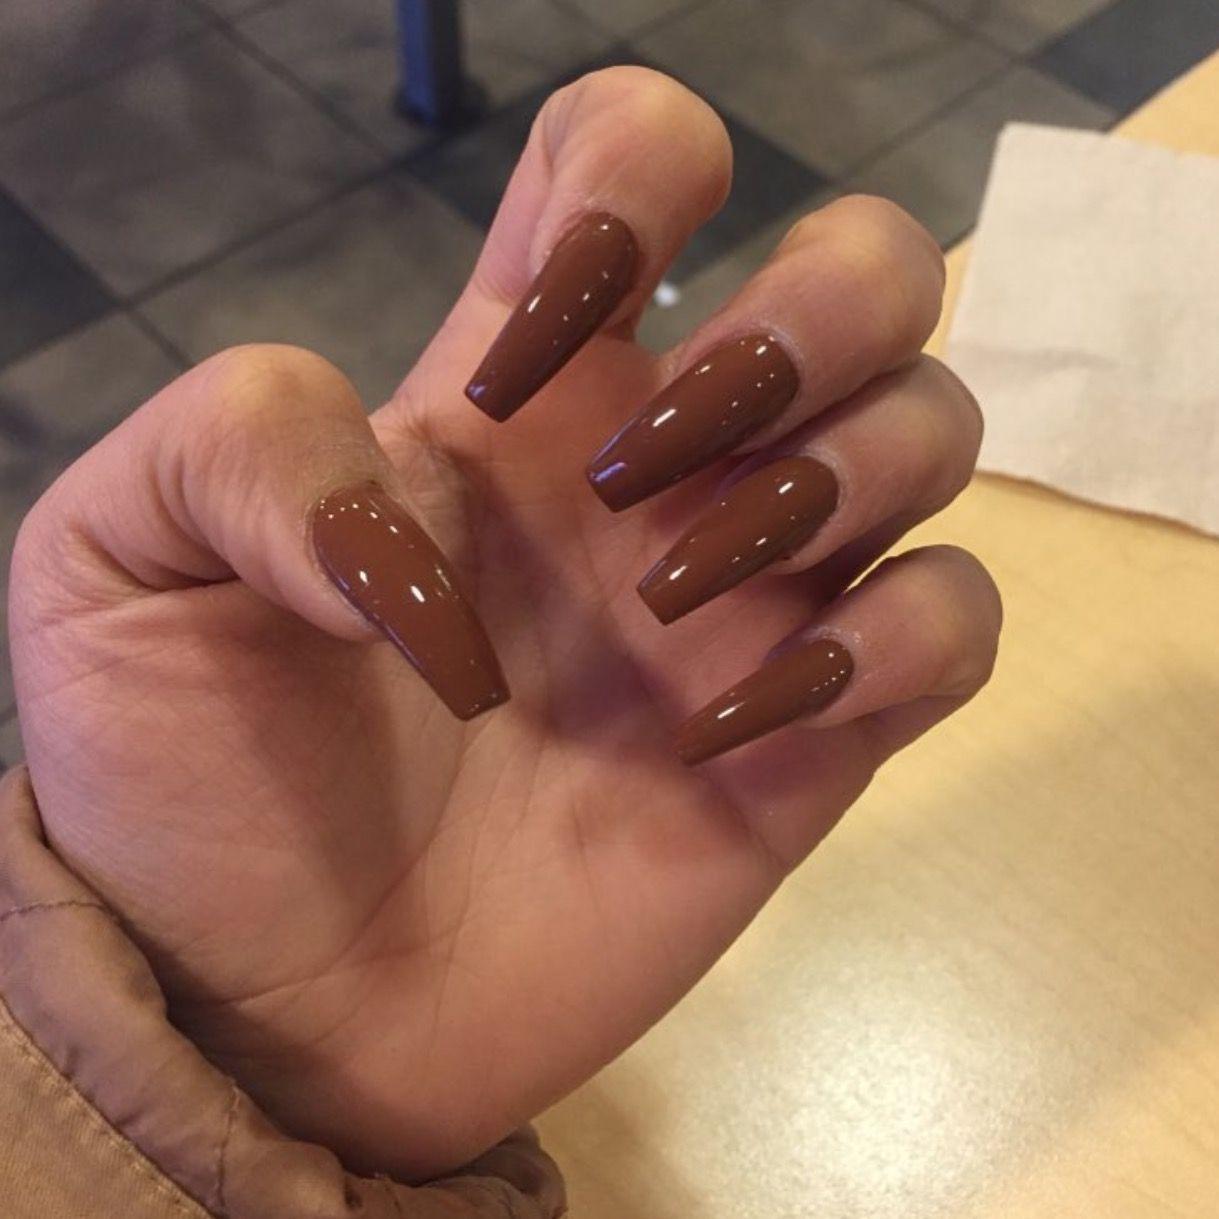 Pin by K. AJ on nails | Pinterest | Nail inspo, Makeup and Nail nail